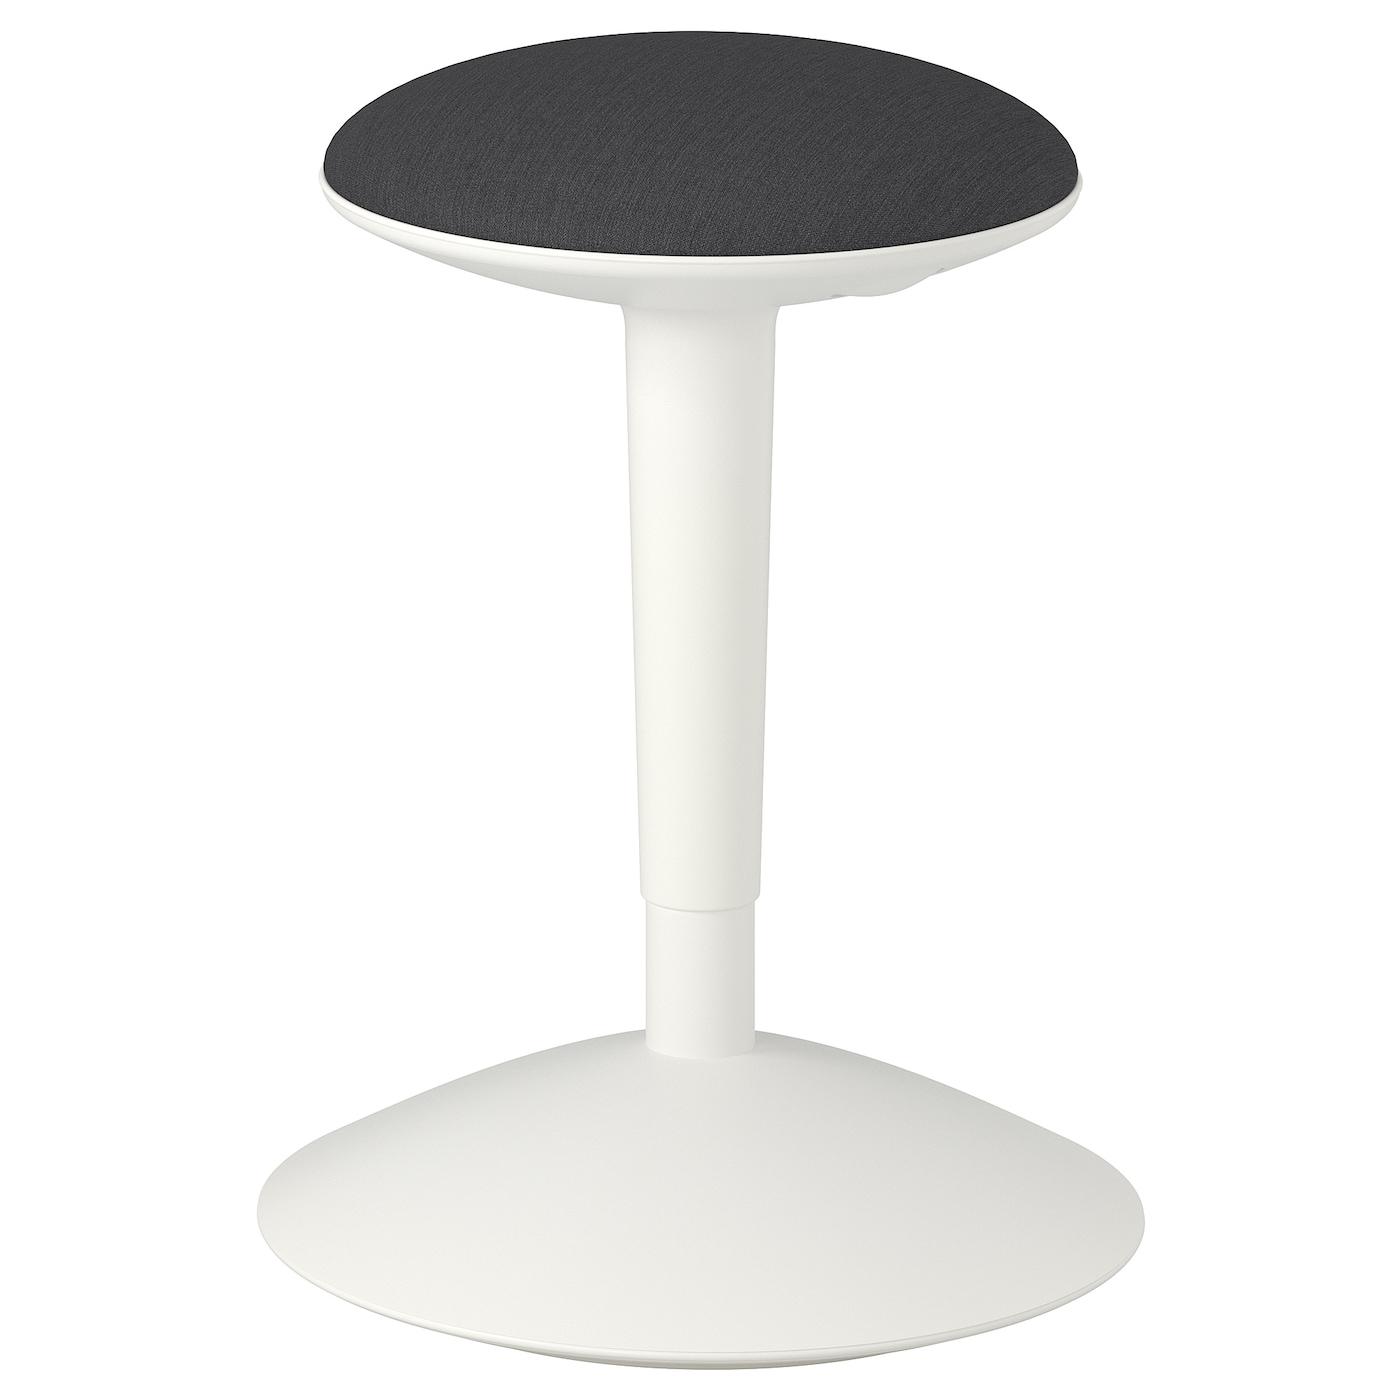 Full Size of Stehhilfe Ikea Miniküche Küche Kosten Betten Bei Sofa Mit Schlaffunktion Modulküche Kaufen 160x200 Wohnzimmer Stehhilfe Ikea